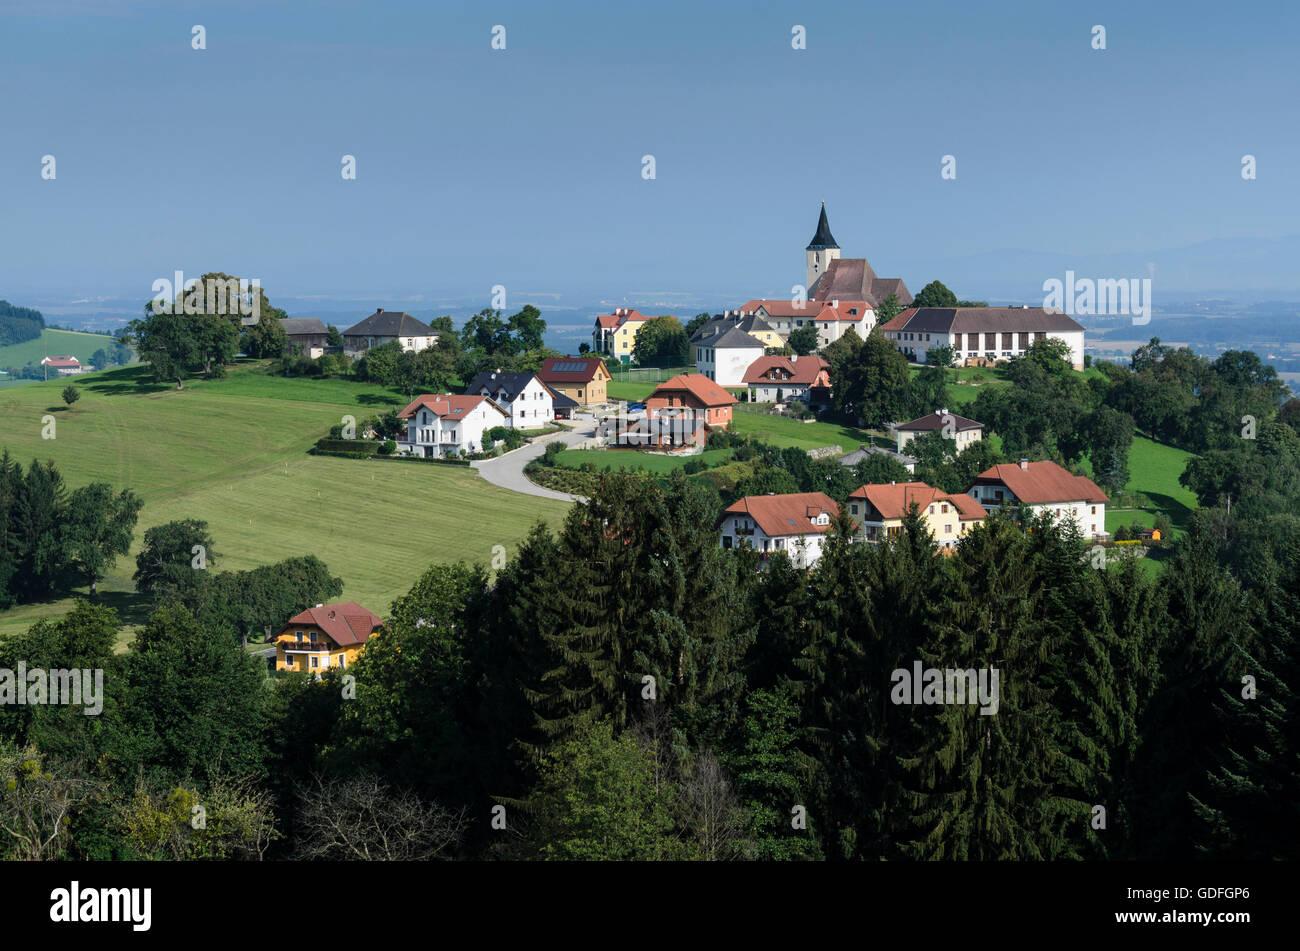 St. Peter in der Au: overlooking the village of St. Michael, Austria, Niederösterreich, Lower Austria, Mostviertel - Stock Image